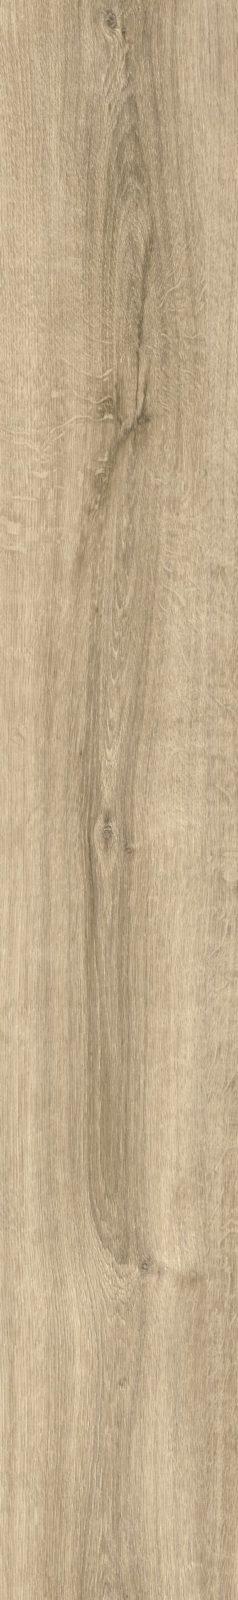 IVC Ultimo DryBack 24219 Sommer Oak